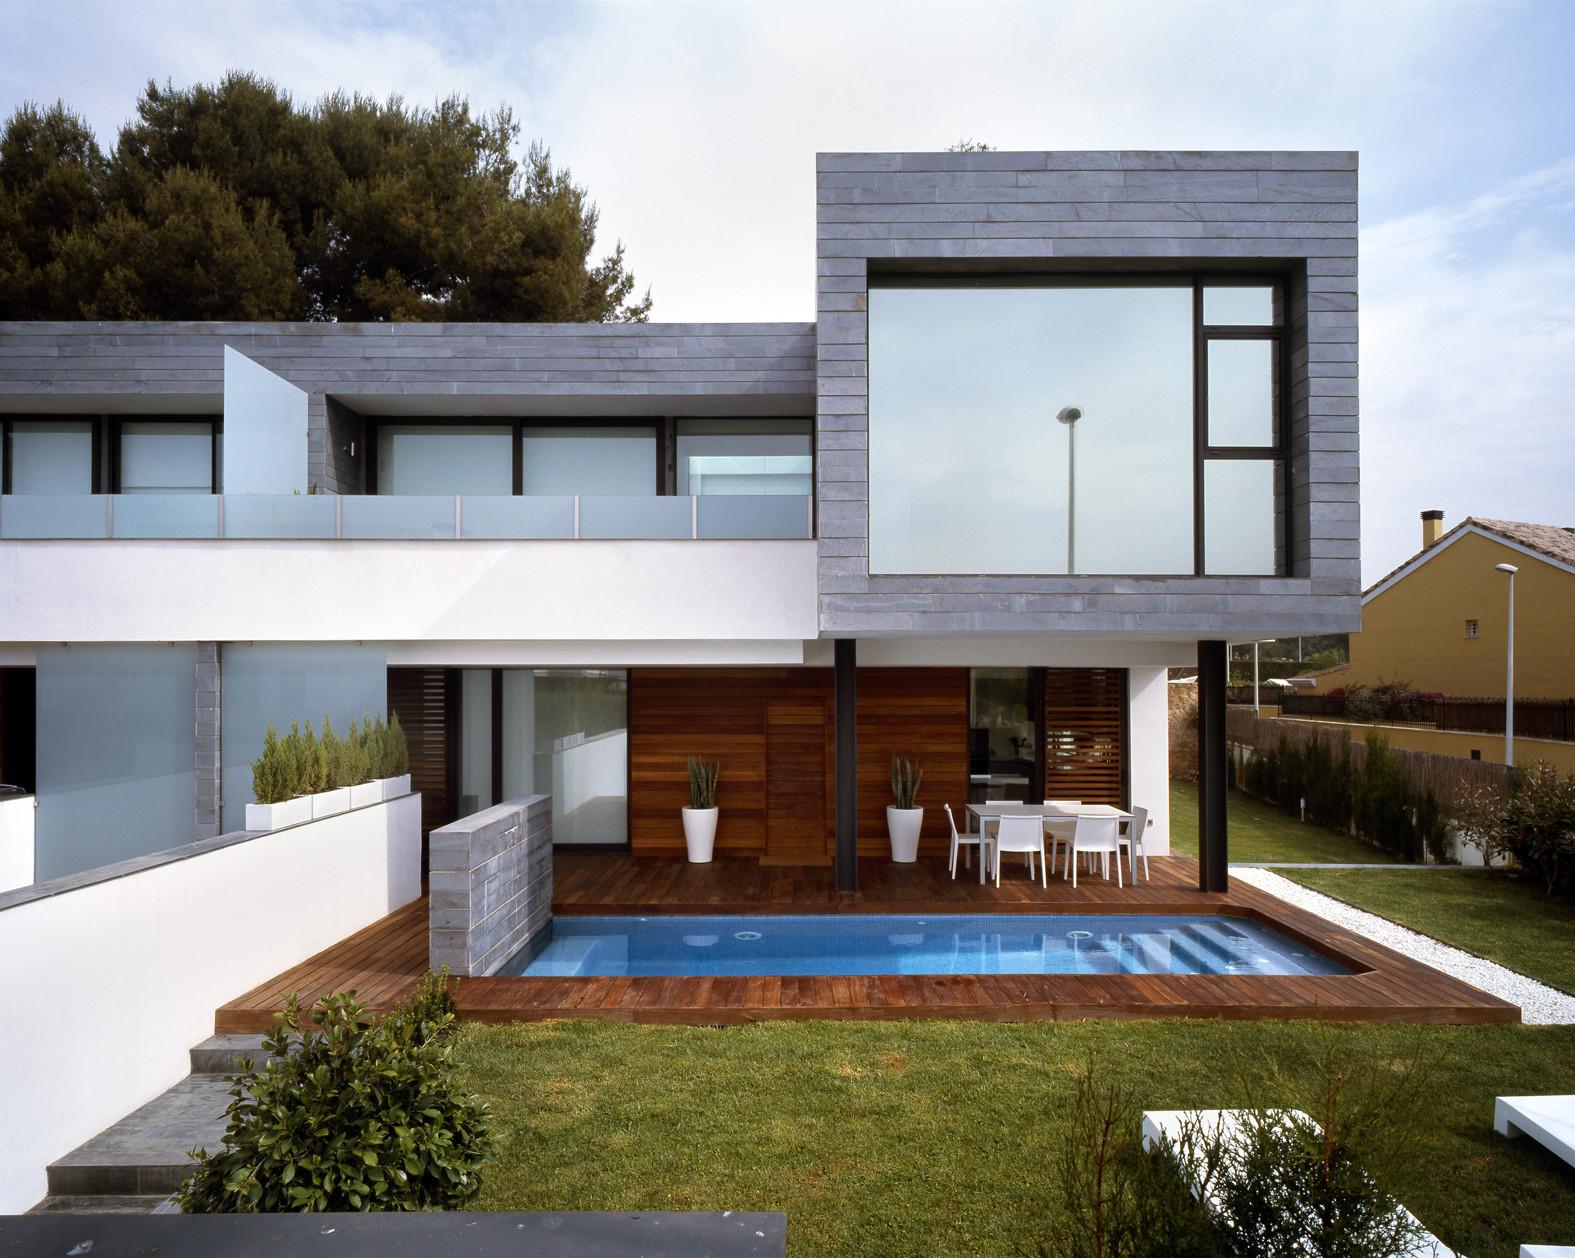 Casas-adosadas-de-Fachada-Moderna   ArQuitexs